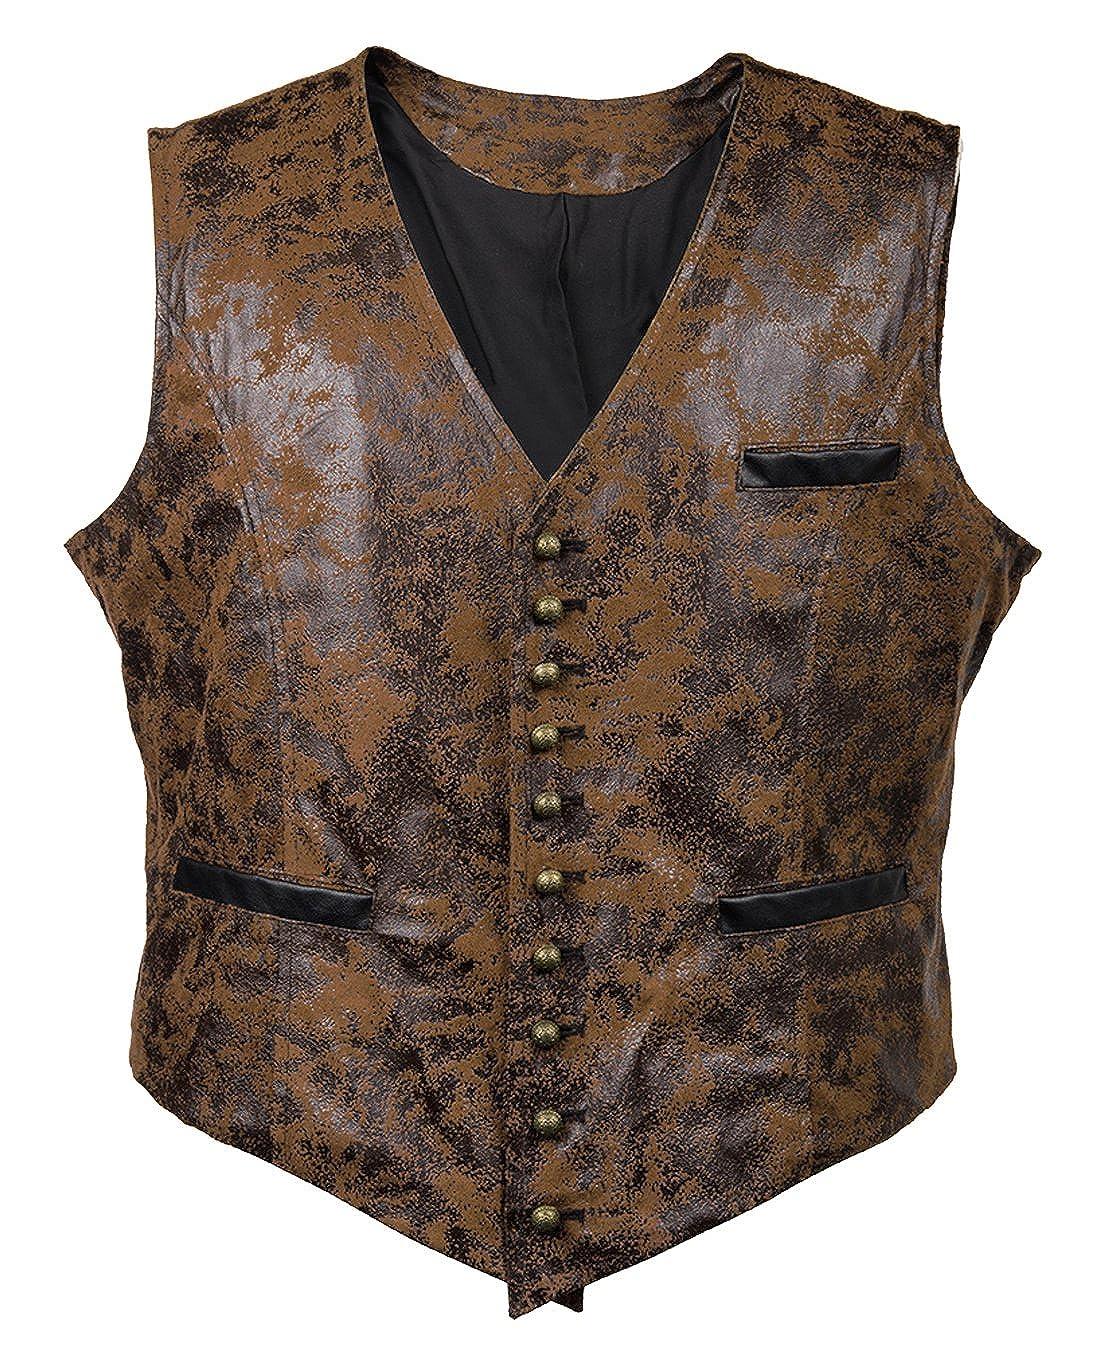 Men's Steampunk Vests, Waistcoats, Corsets Bslingerie Mens Steampunk Faux Leather Cowboy Waist Coat Vest $31.99 AT vintagedancer.com